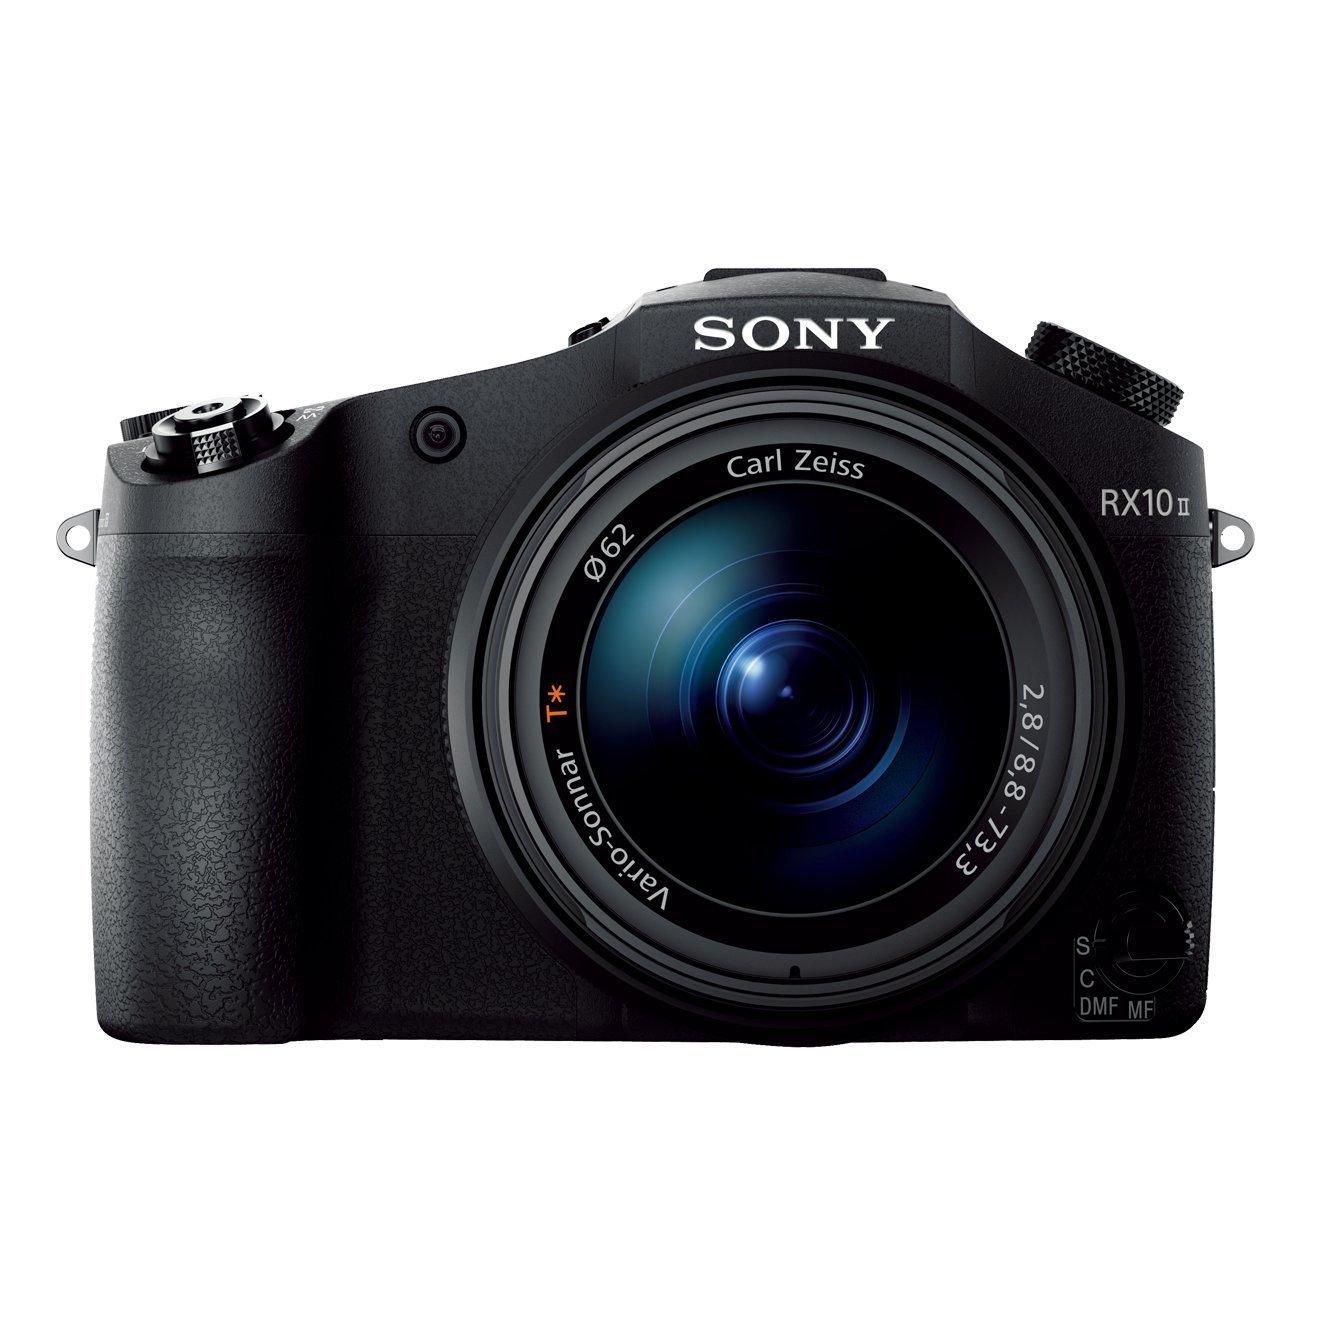 [amazon.fr] Sony DSC-RX10 Mark II Bridge-Digitalkamera (20.2 Megapixel, 3 Zoll LCD Display, 4K HD, 40-fach Super-Zeitlupe, Anti-Distortion Verschluss, XGA OLED Sucher) mit 24-200 mm Zeiss Vario-Sonnar T* F2.8 Zoomobjektiv schwarz für 997€